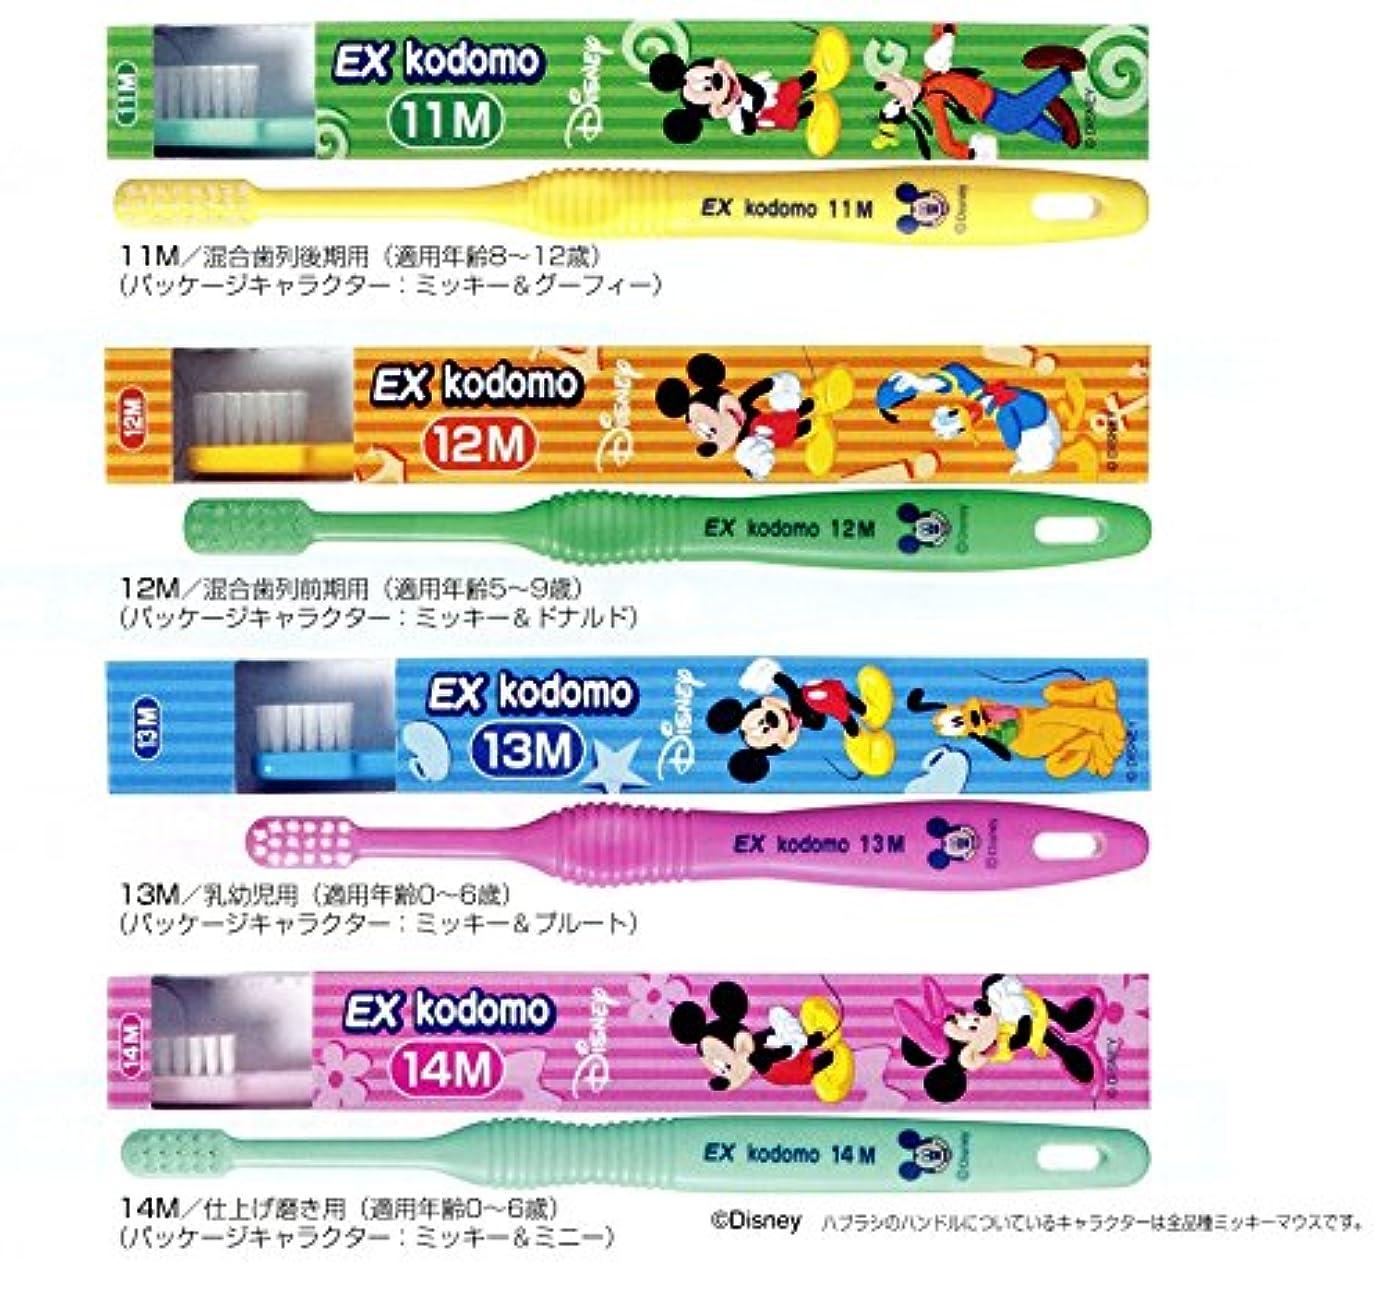 鎮静剤喜ぶクラブライオン コドモ ディズニー DENT.EX kodomo Disney 1本 14M グリーン (仕上げ磨き用?0?6歳)